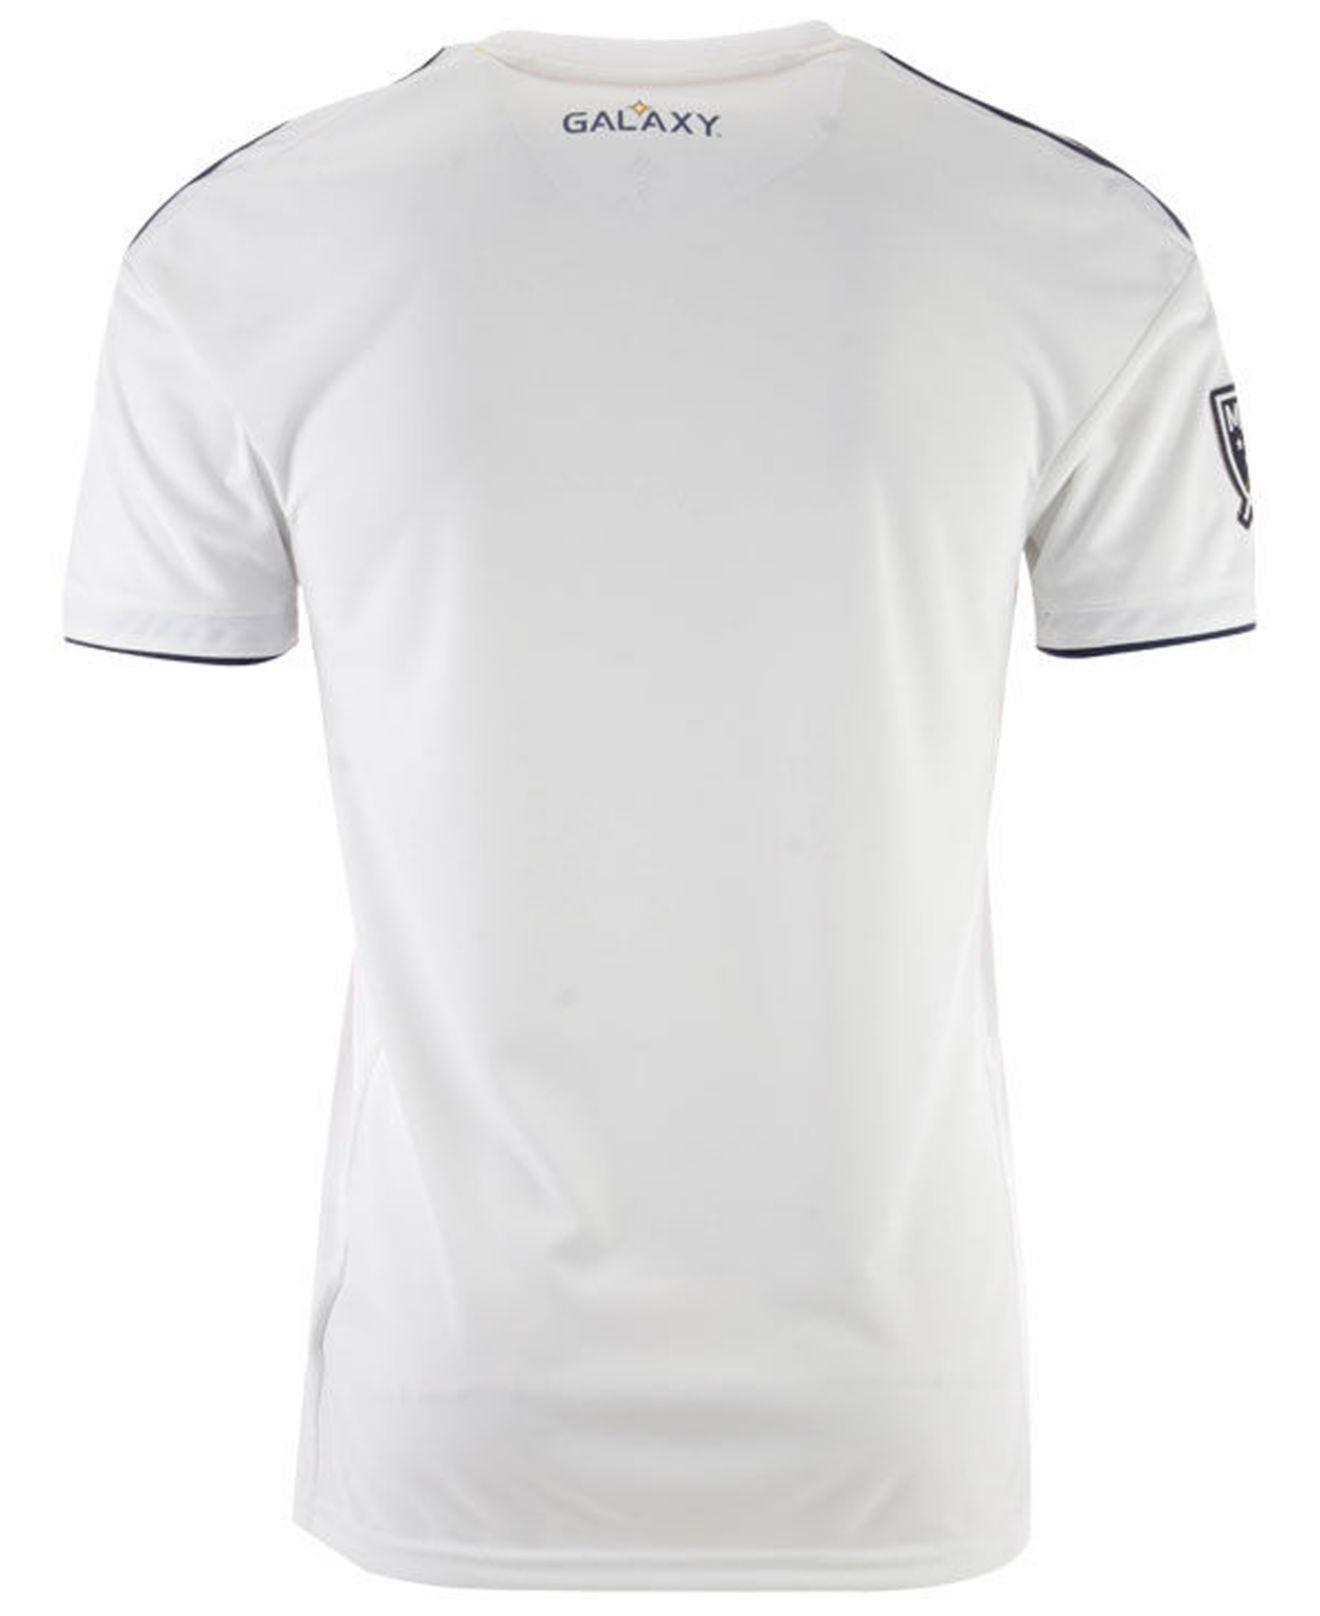 6f404cba1 Lyst - adidas La Galaxy Primary Replica Jersey in White for Men